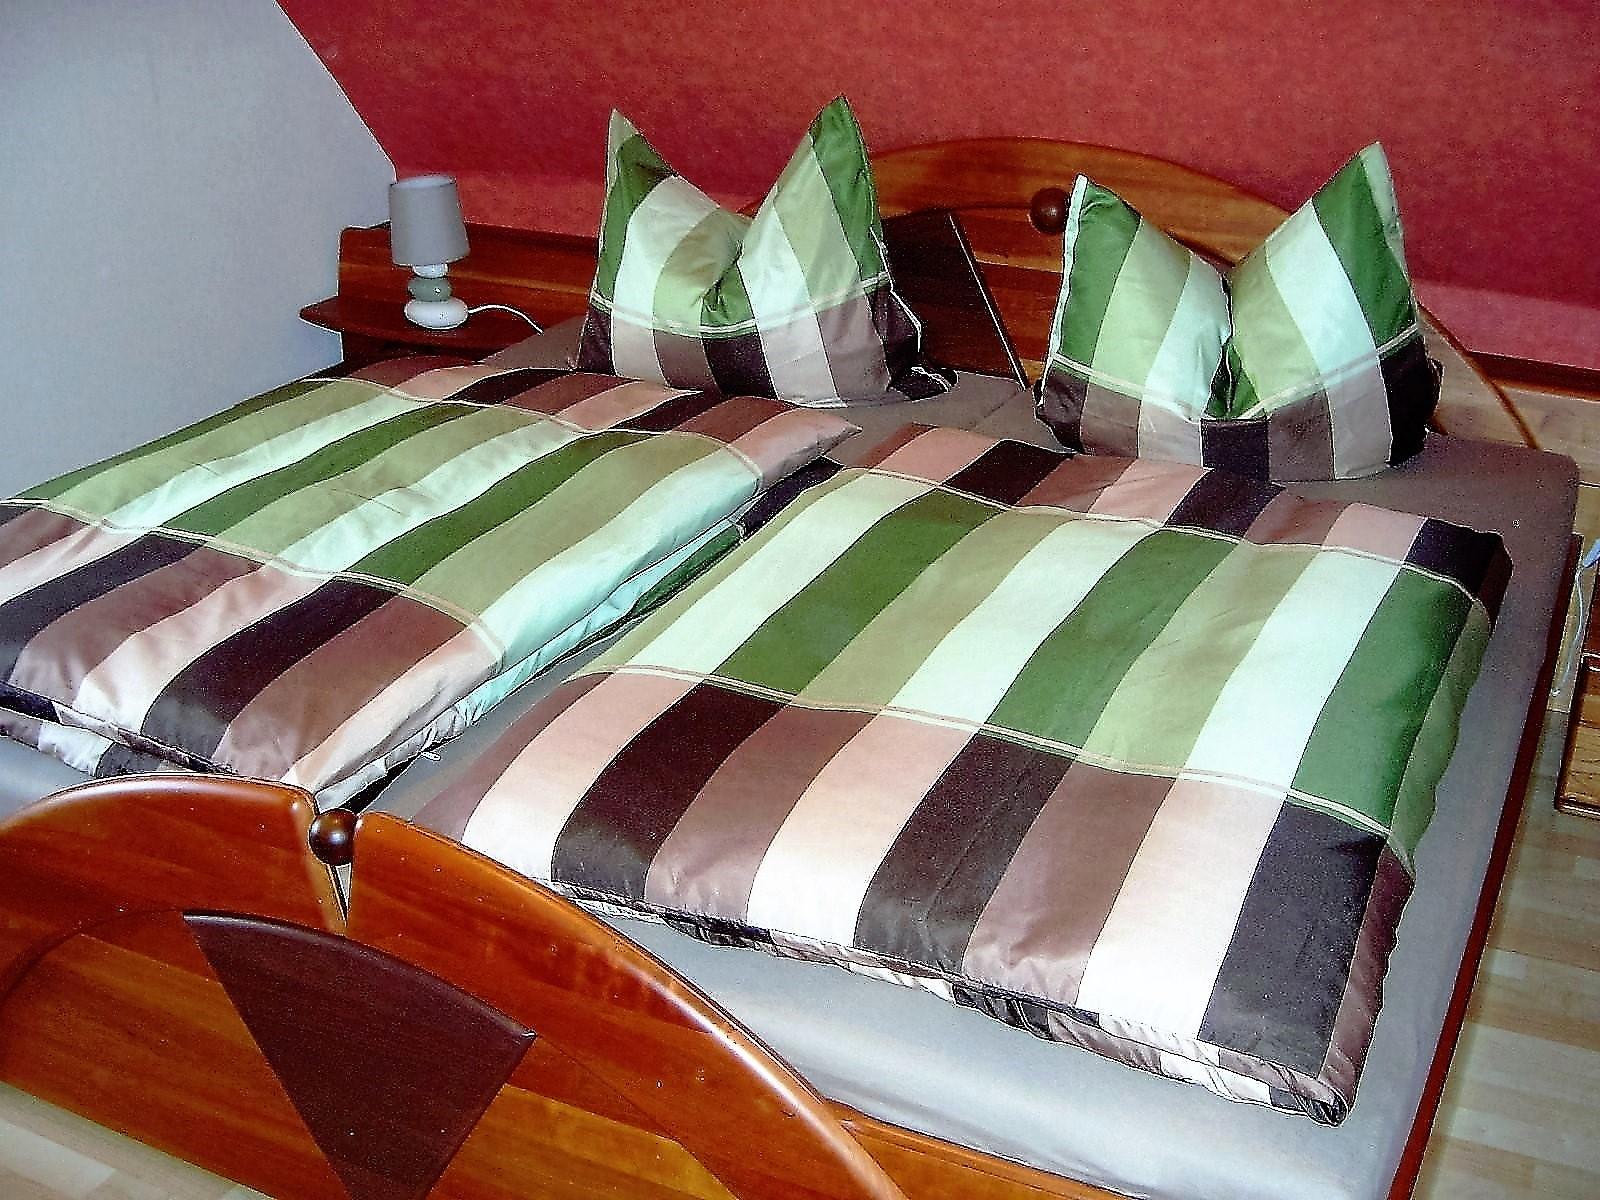 Foto vom bett im Schlafzimmer